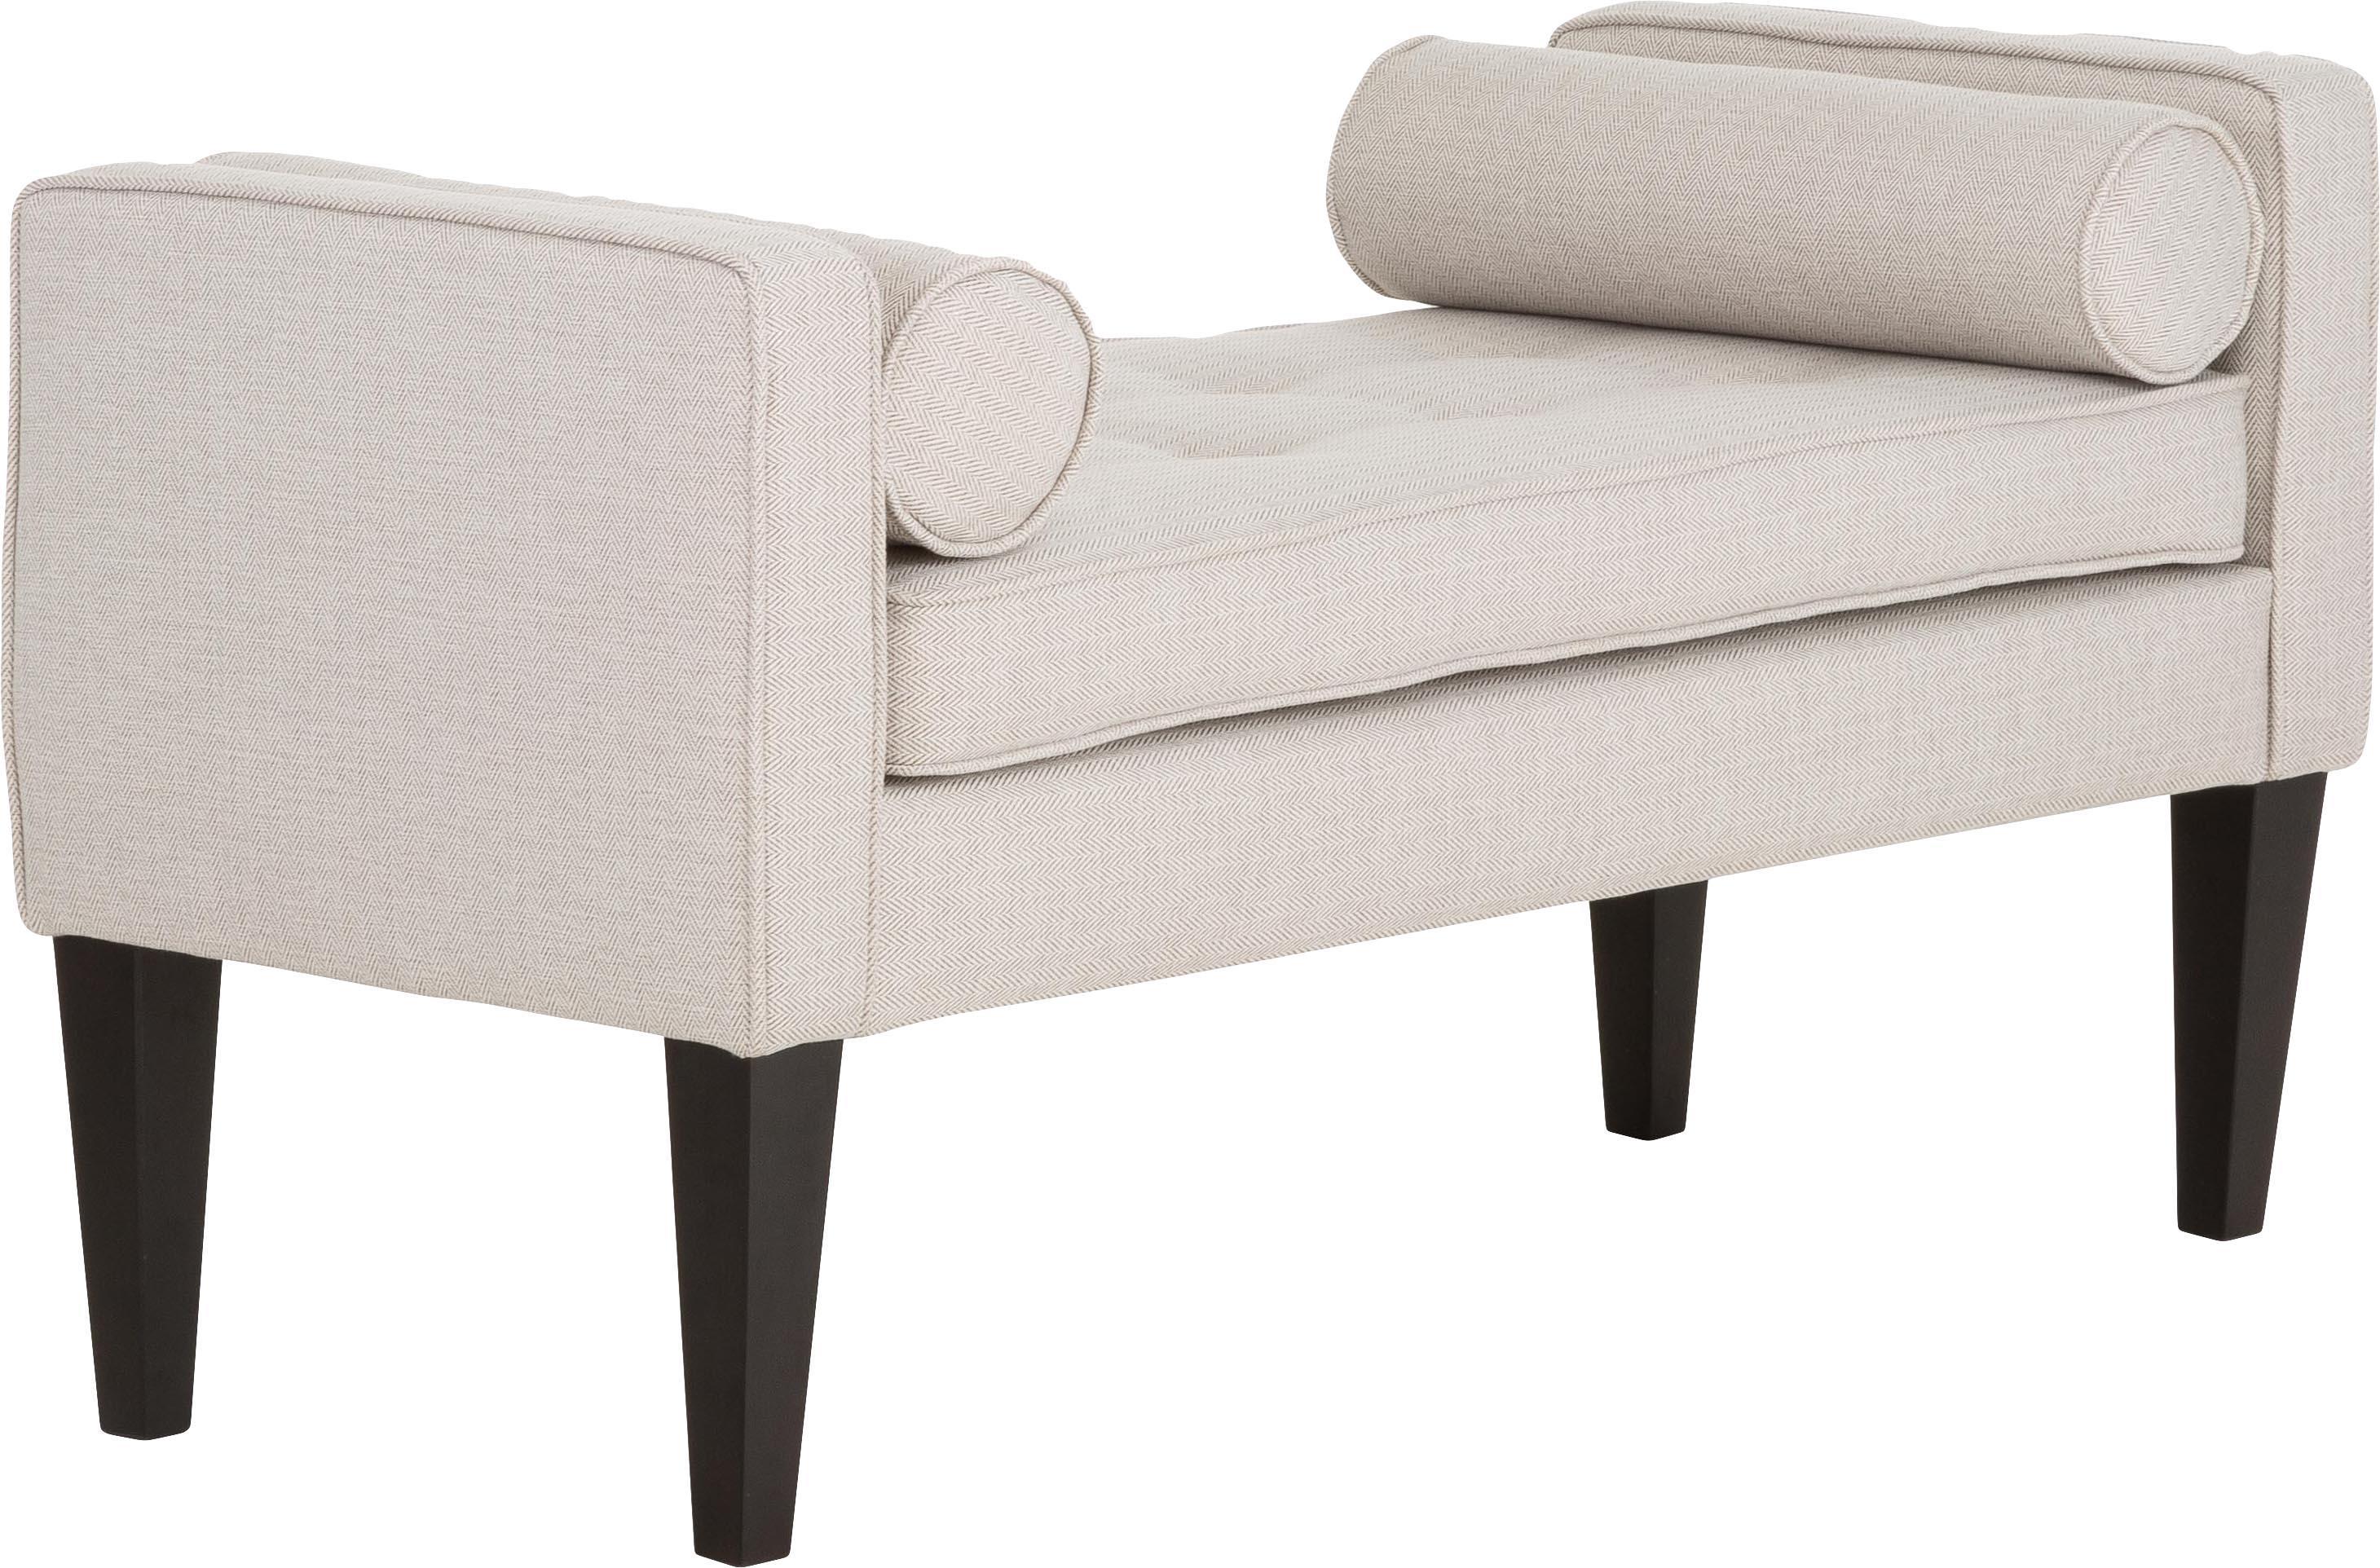 Bettbank Mia mit Kissen, Bezug: 67% Polypropylen, 33% Pol, Beine: Birkenholz, lackiert, Bezug: Beige, Weiss<br>Beine: Schwarz, 115 x 61 cm